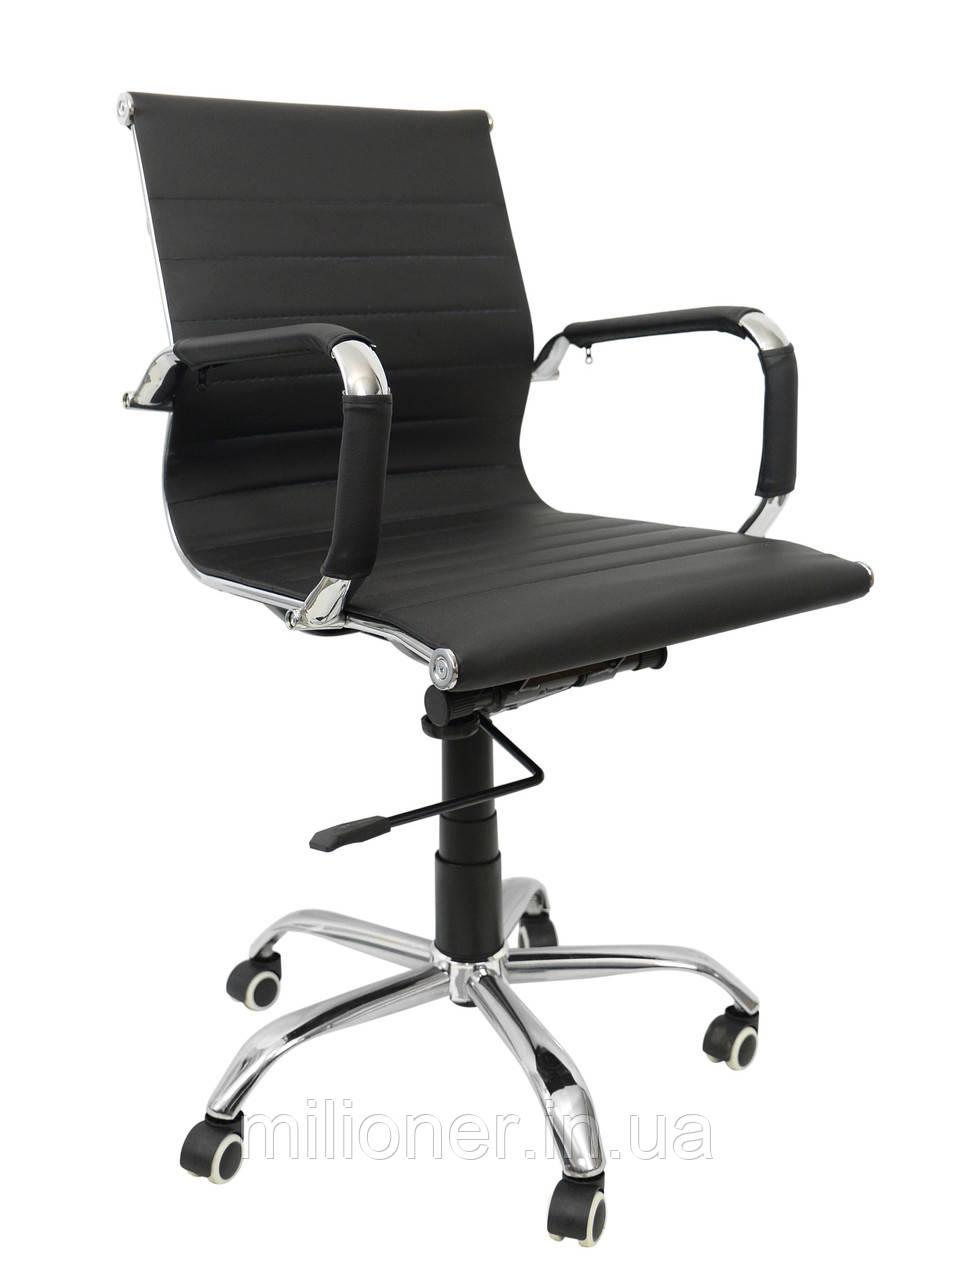 Кресло Bonro B-605 черное